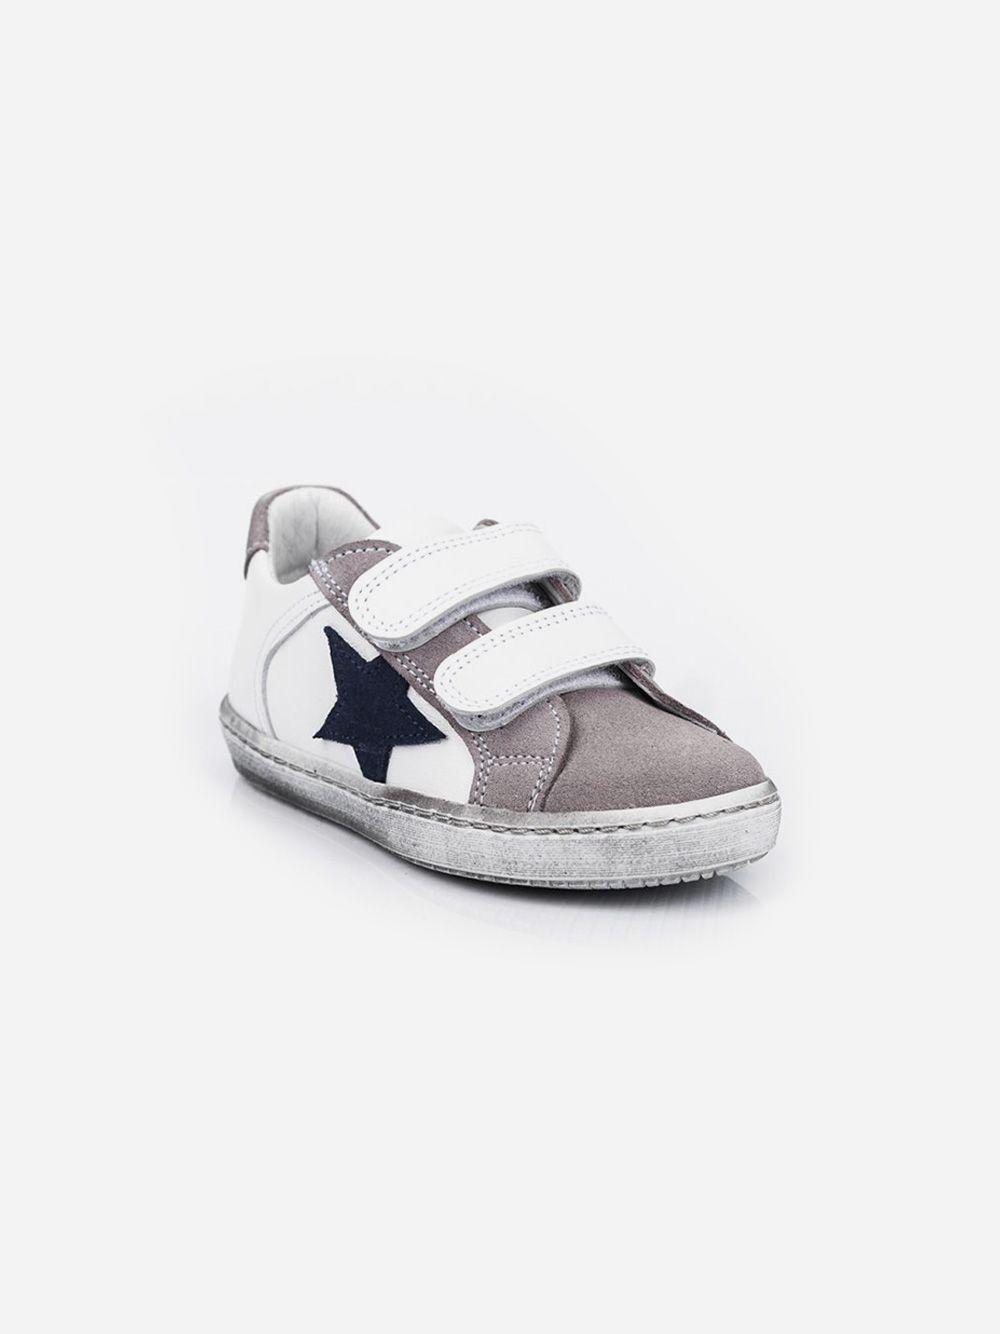 Ténis Cinza Estrela com Velcro | Pikitri